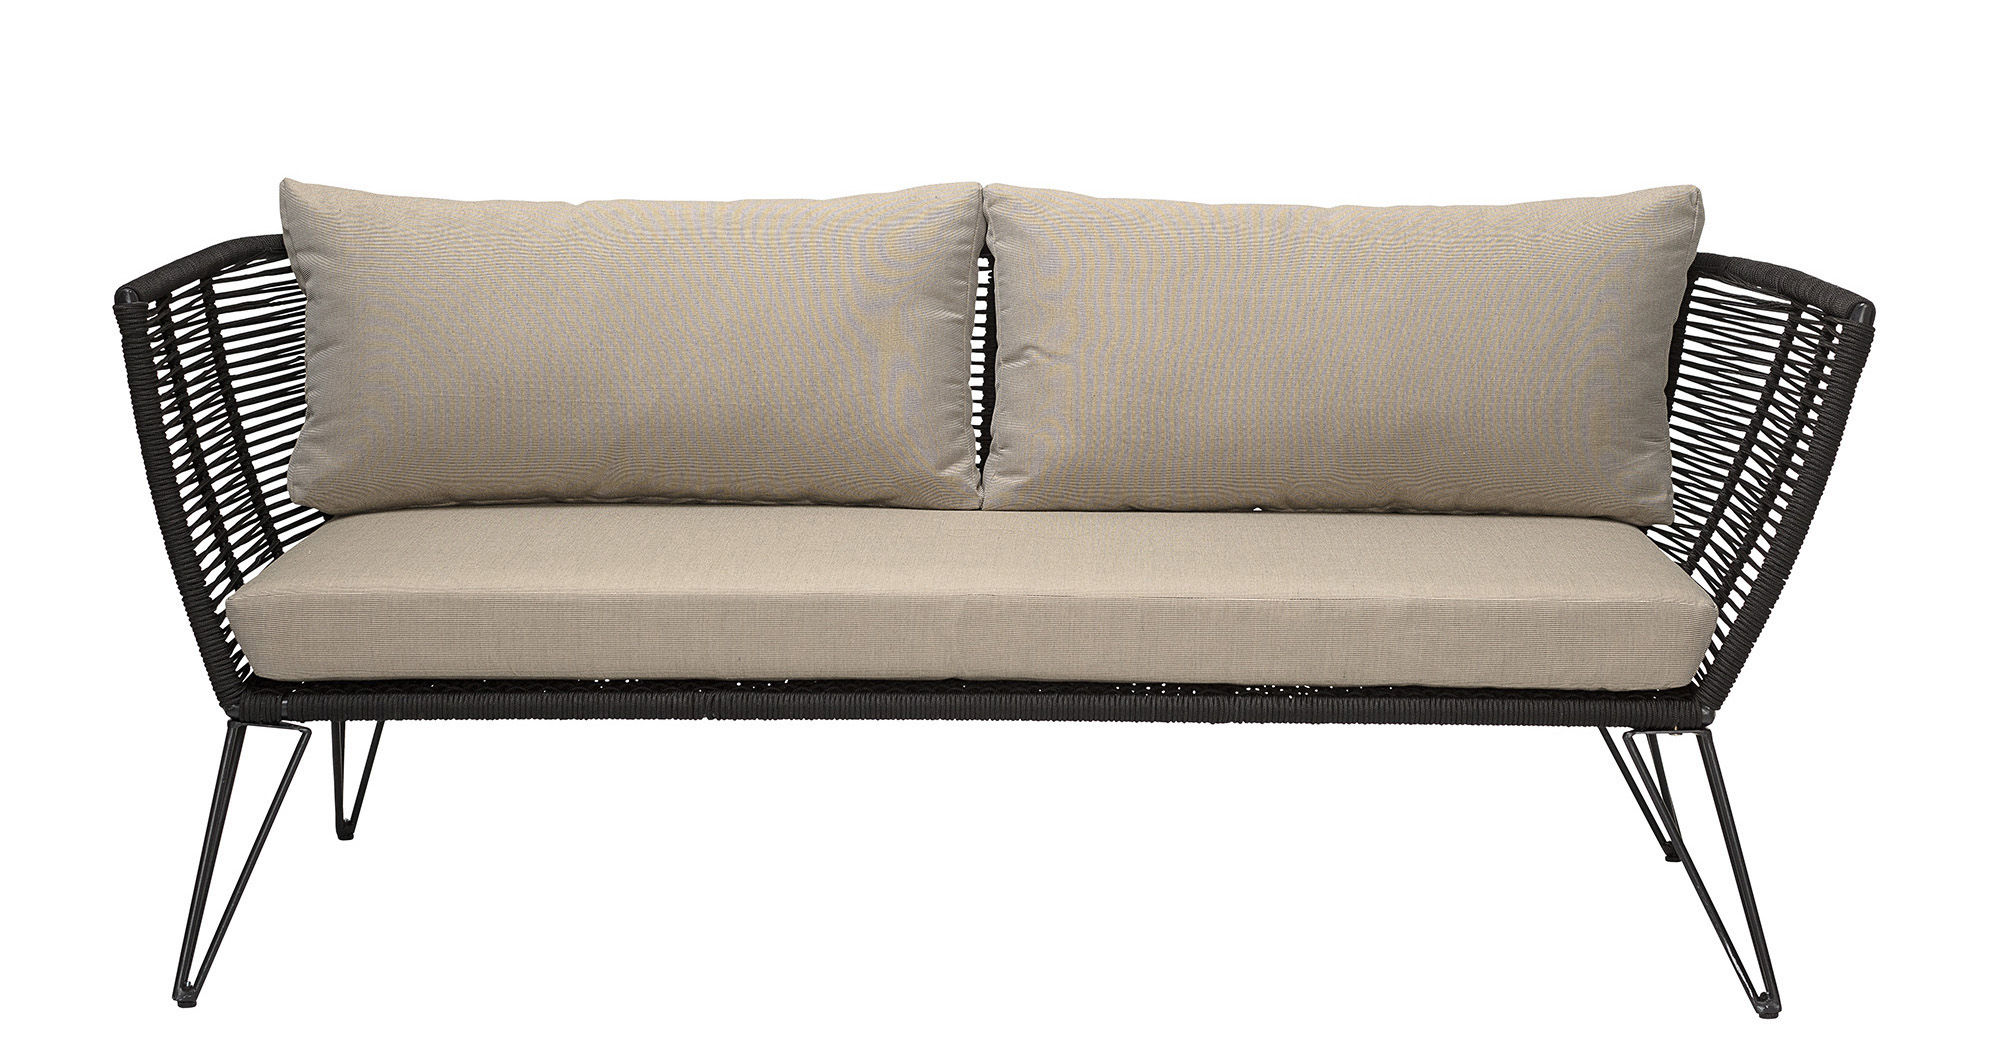 Möbel - Sofas - Mundo Sofa / L 175 cm - für Haus, Terrasse und Garten - Bloomingville - Taupe & schwarz - Fibre, Gewebe, lackierter Stahl, Polyesterfaser, PVC-Draht